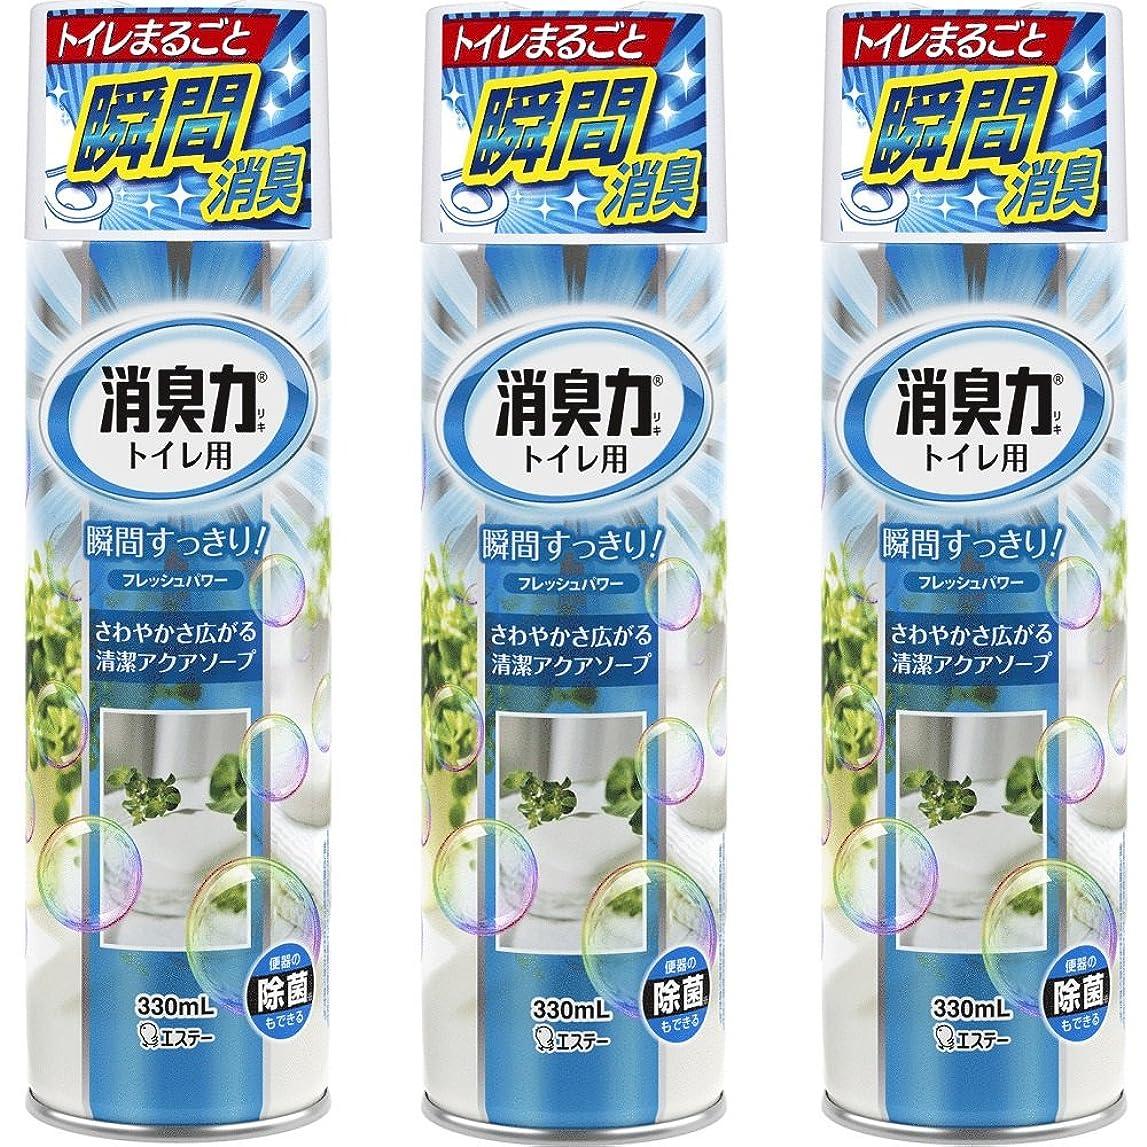 激しいうめき声パンサー【まとめ買い】 トイレの消臭力スプレー 消臭芳香剤 トイレ用 トイレ アクアソープの香り 330ml×3個